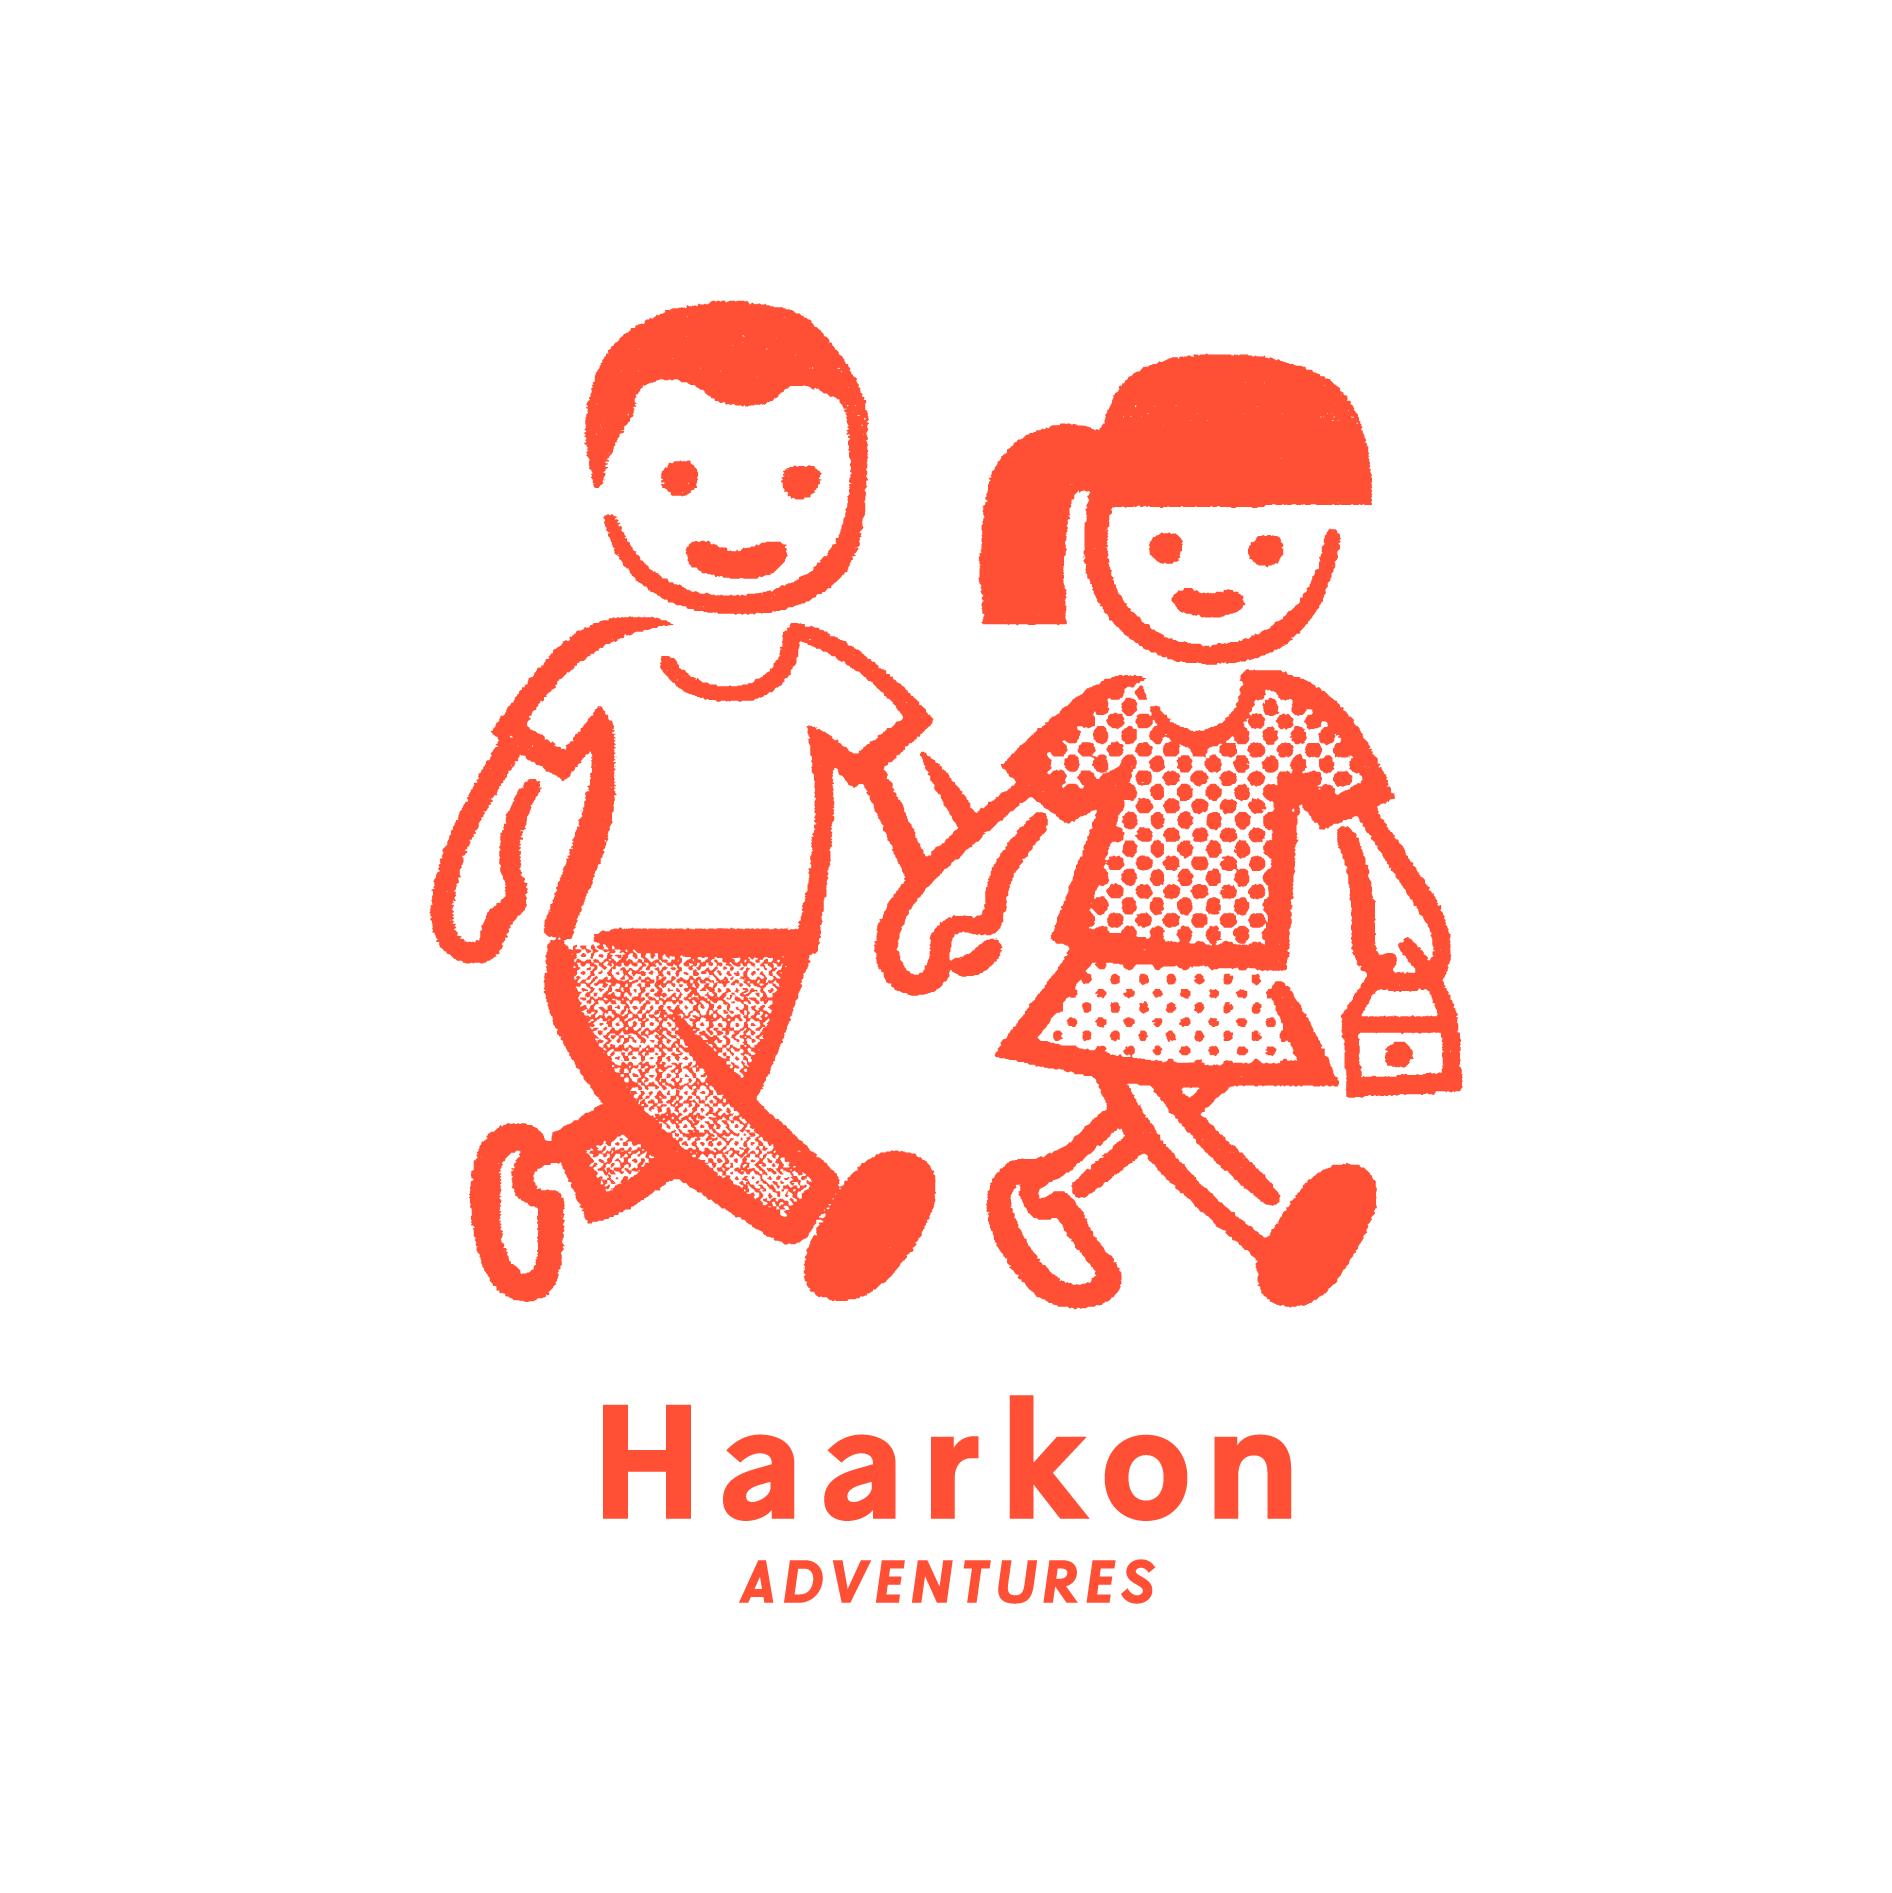 Haarkon Adventures